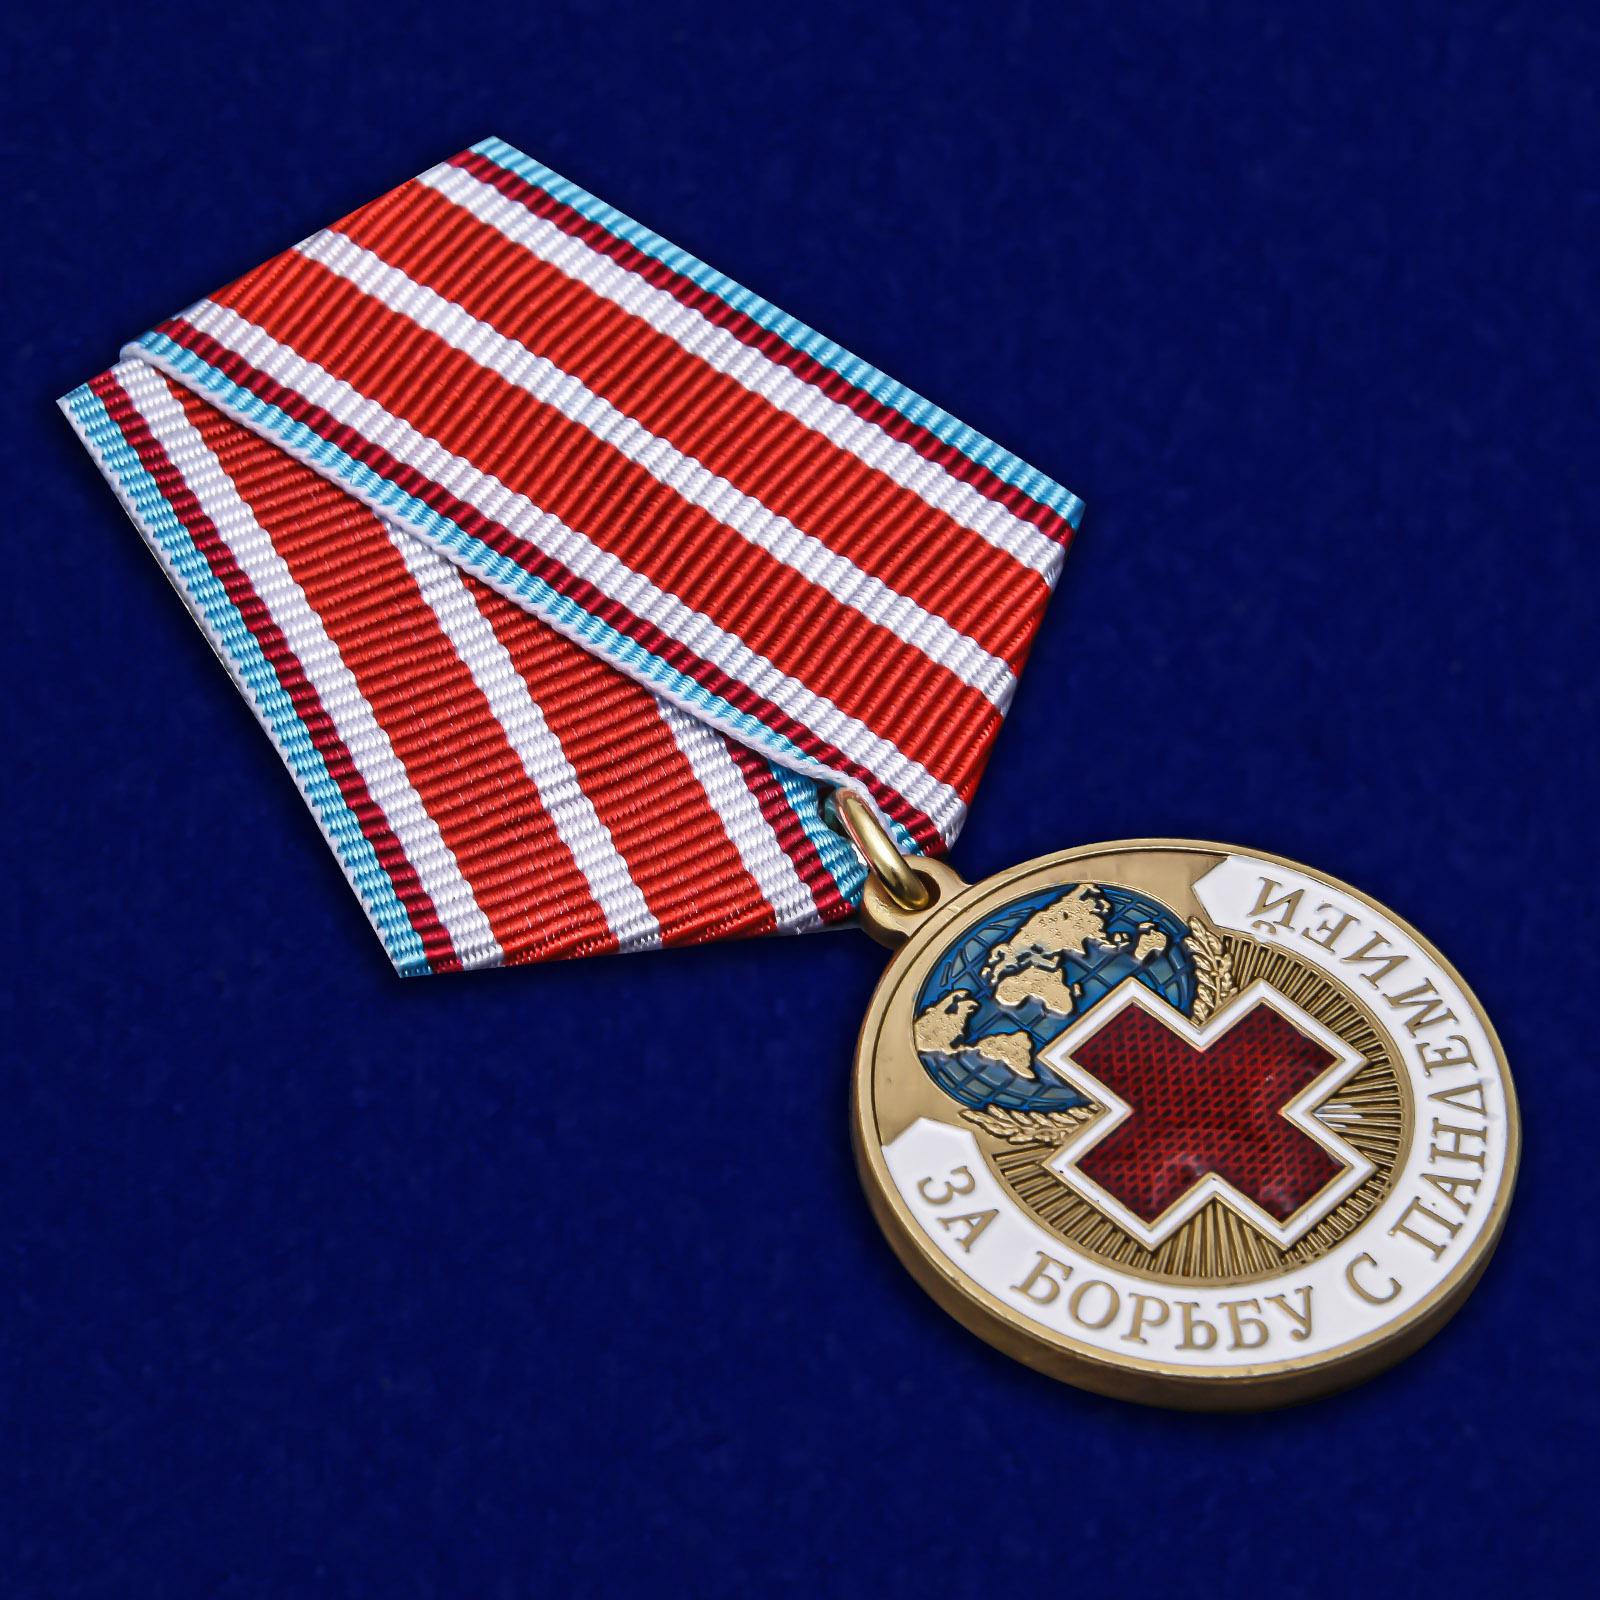 Заказать с доставкой по России медаль covid